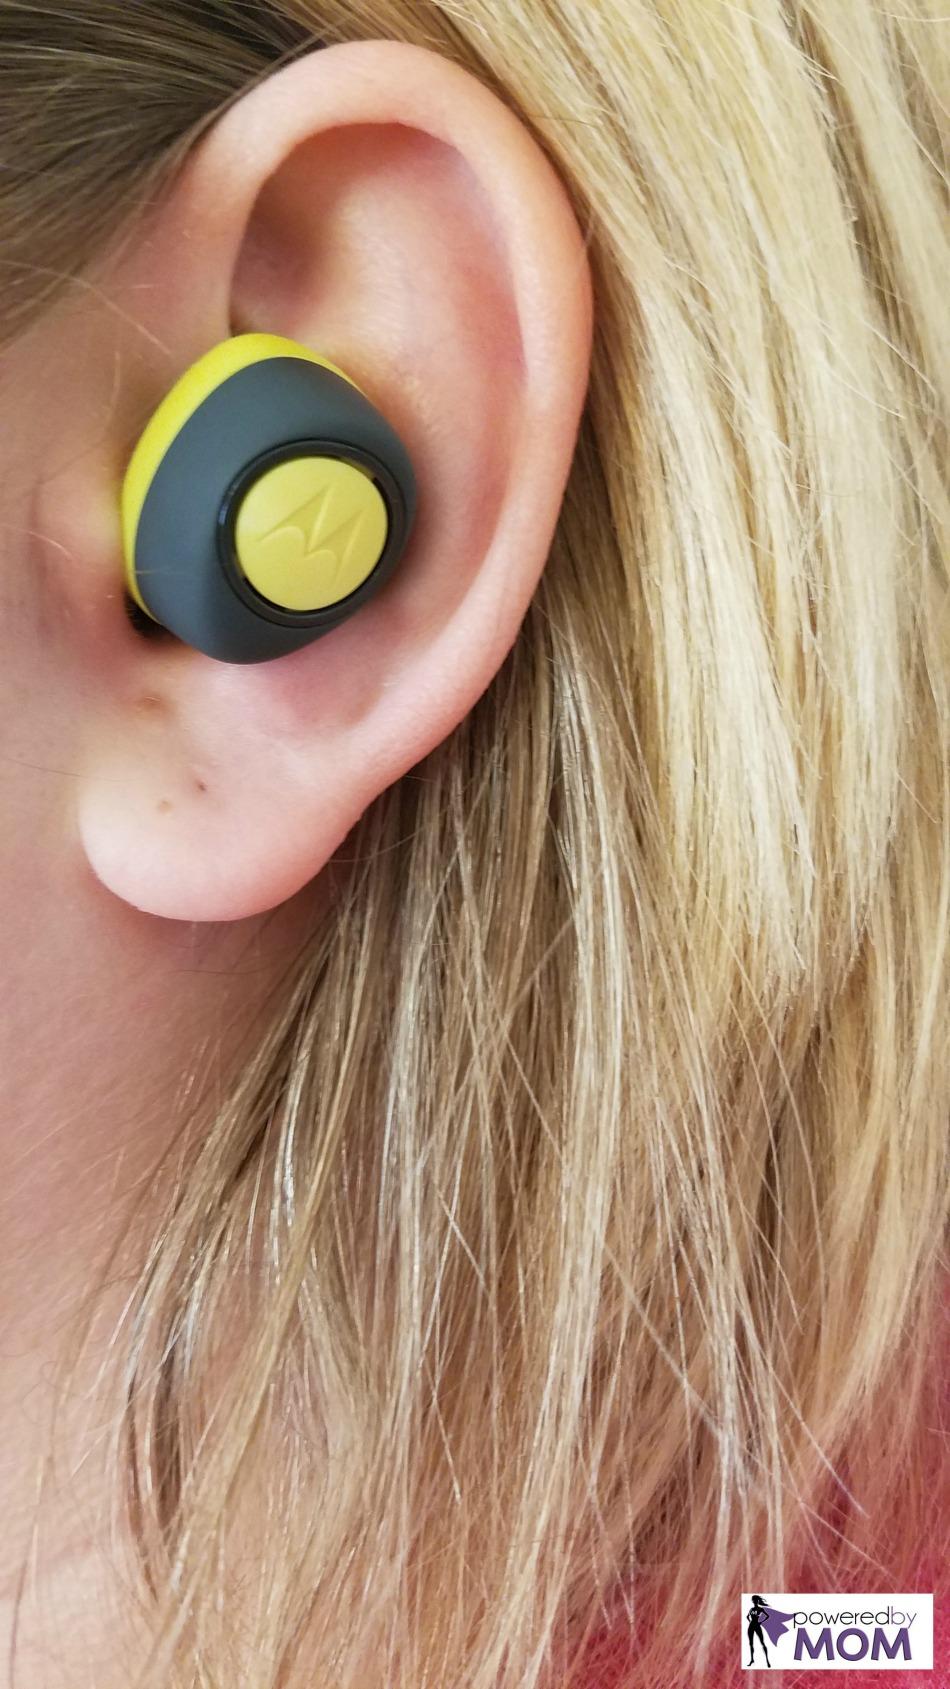 smart earbuds